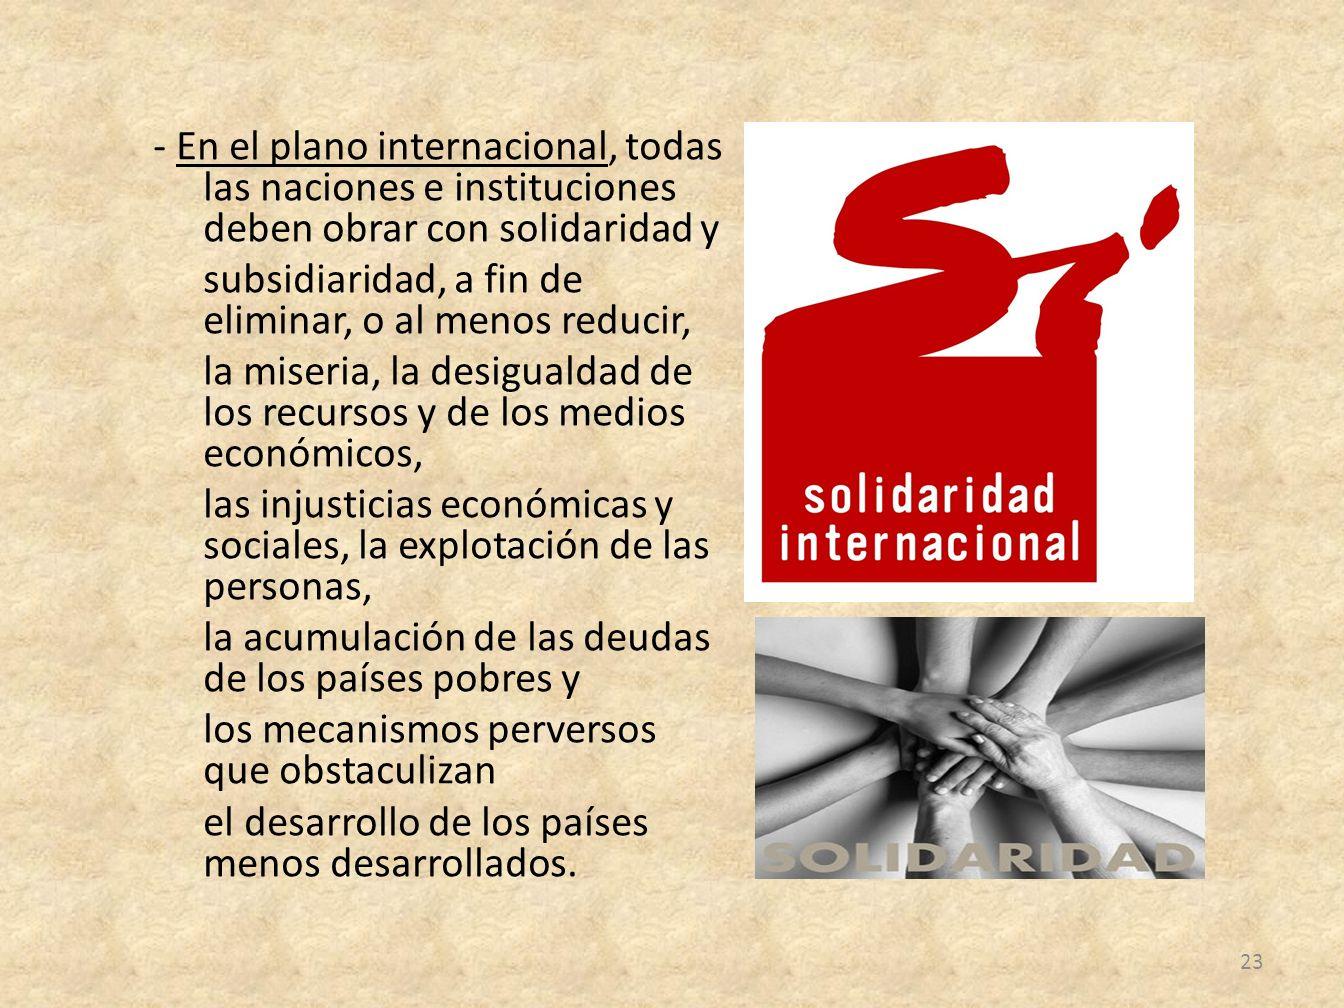 - En el plano internacional, todas las naciones e instituciones deben obrar con solidaridad y subsidiaridad, a fin de eliminar, o al menos reducir, la